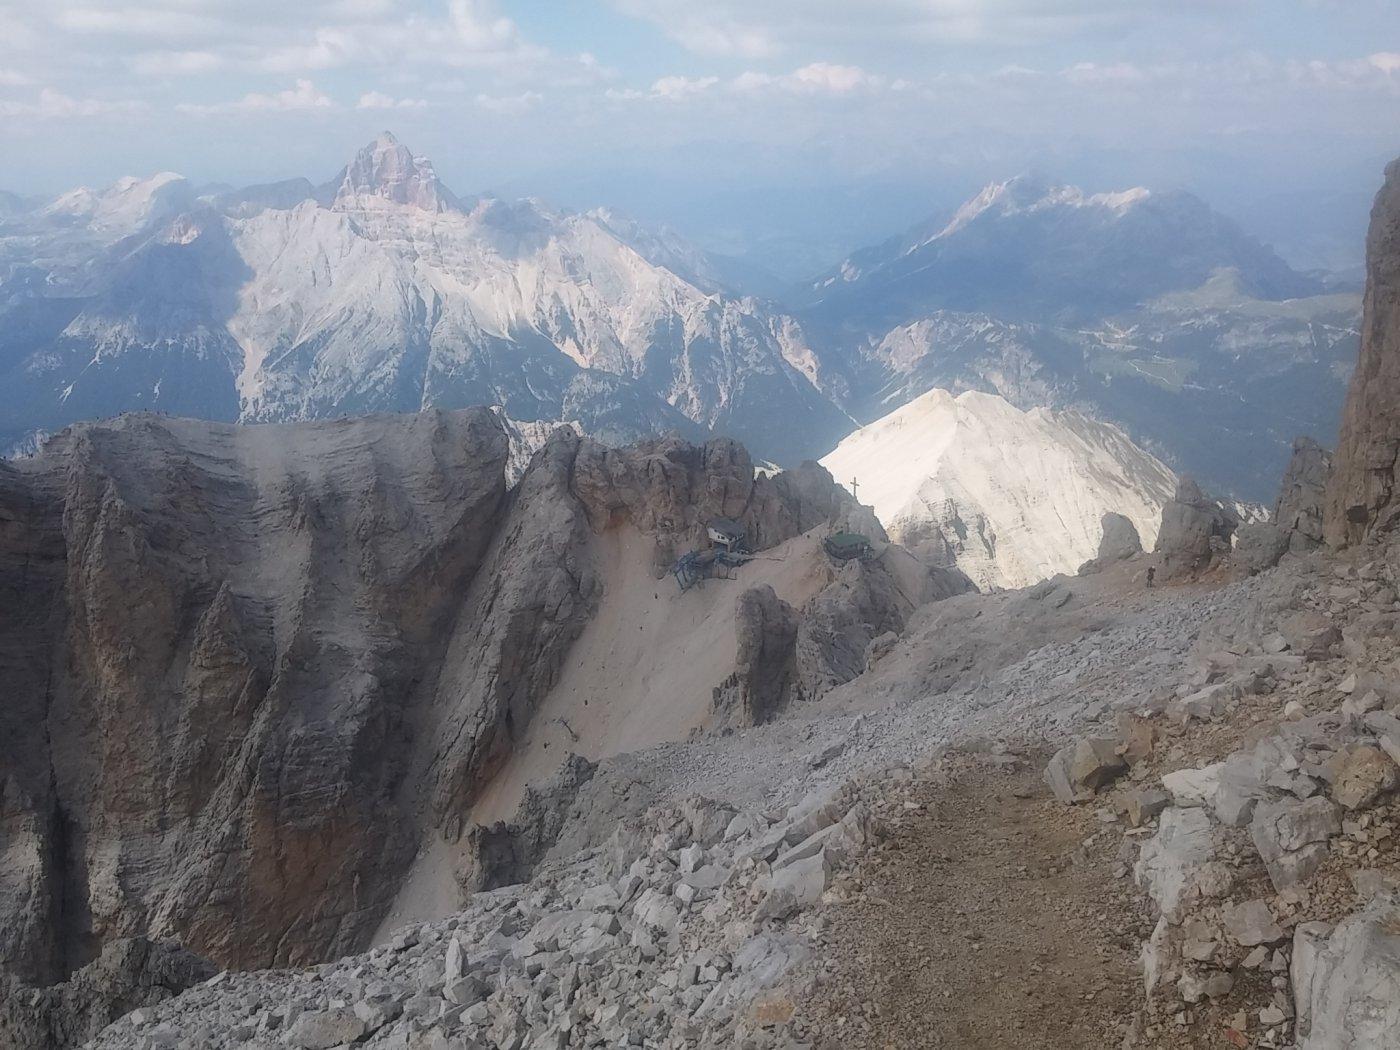 Cristallo (Monte) Cima di Mezzo Marino Bianchi 2015-08-11